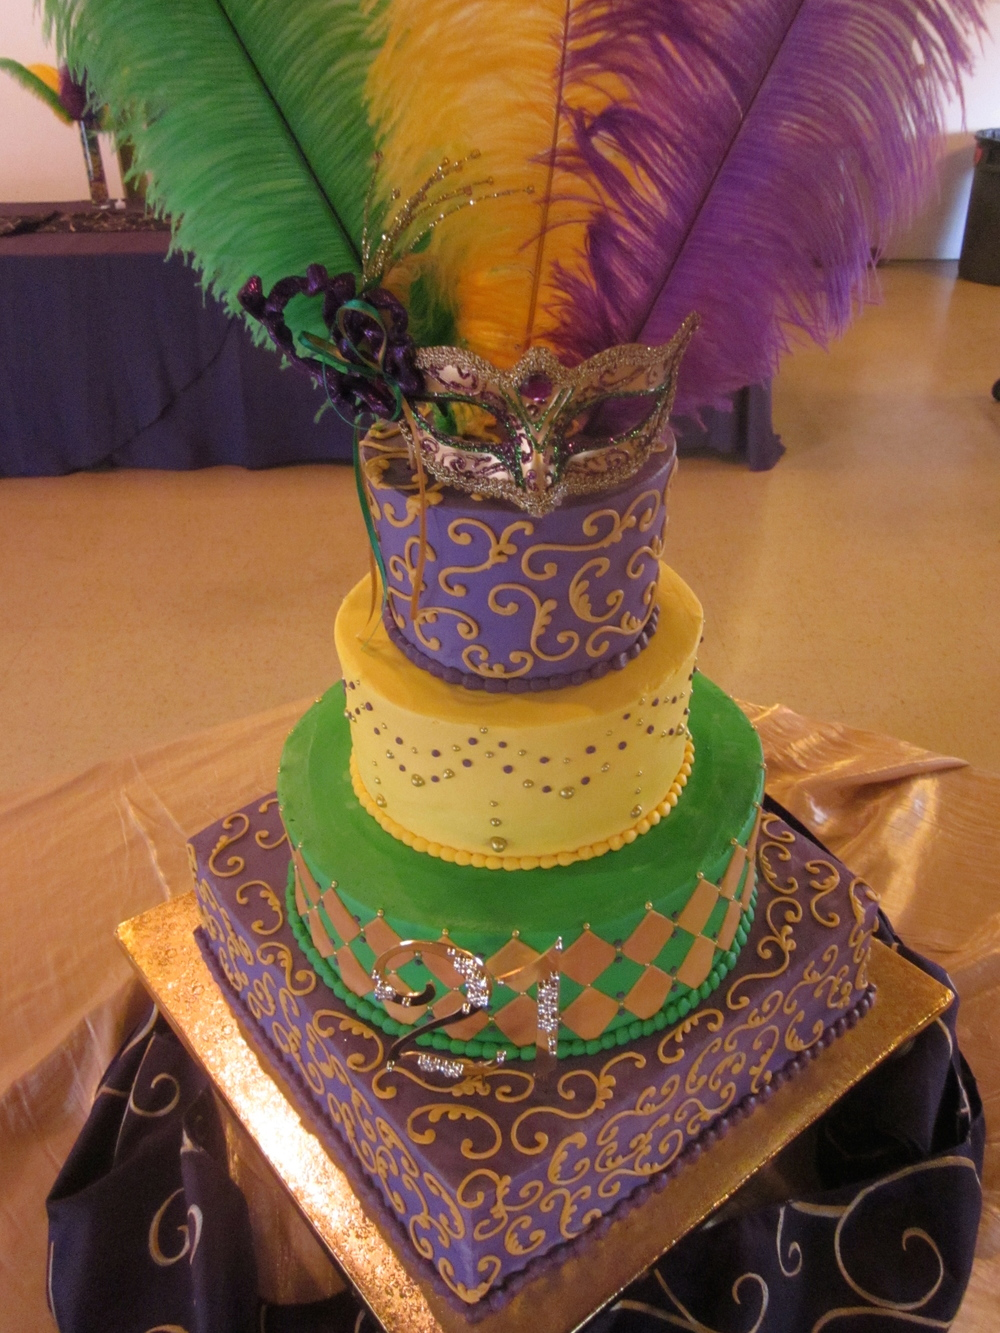 Mardis Gras Chocolate Cake